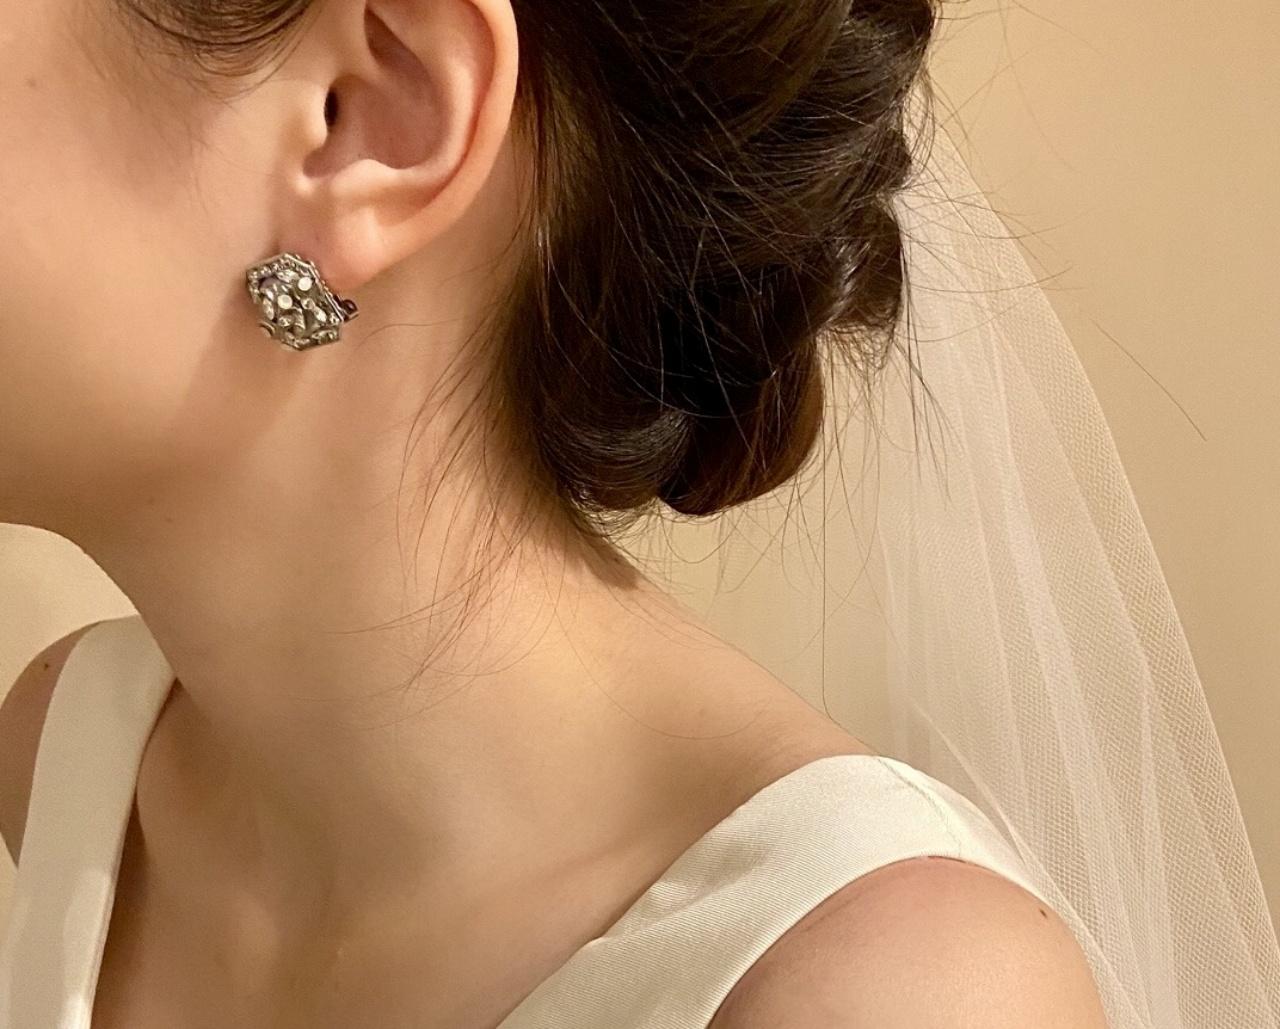 挙式のシーンでは、華奢なイヤリングを合わせてクラシカルで品のあるコーディネートがおすすめ